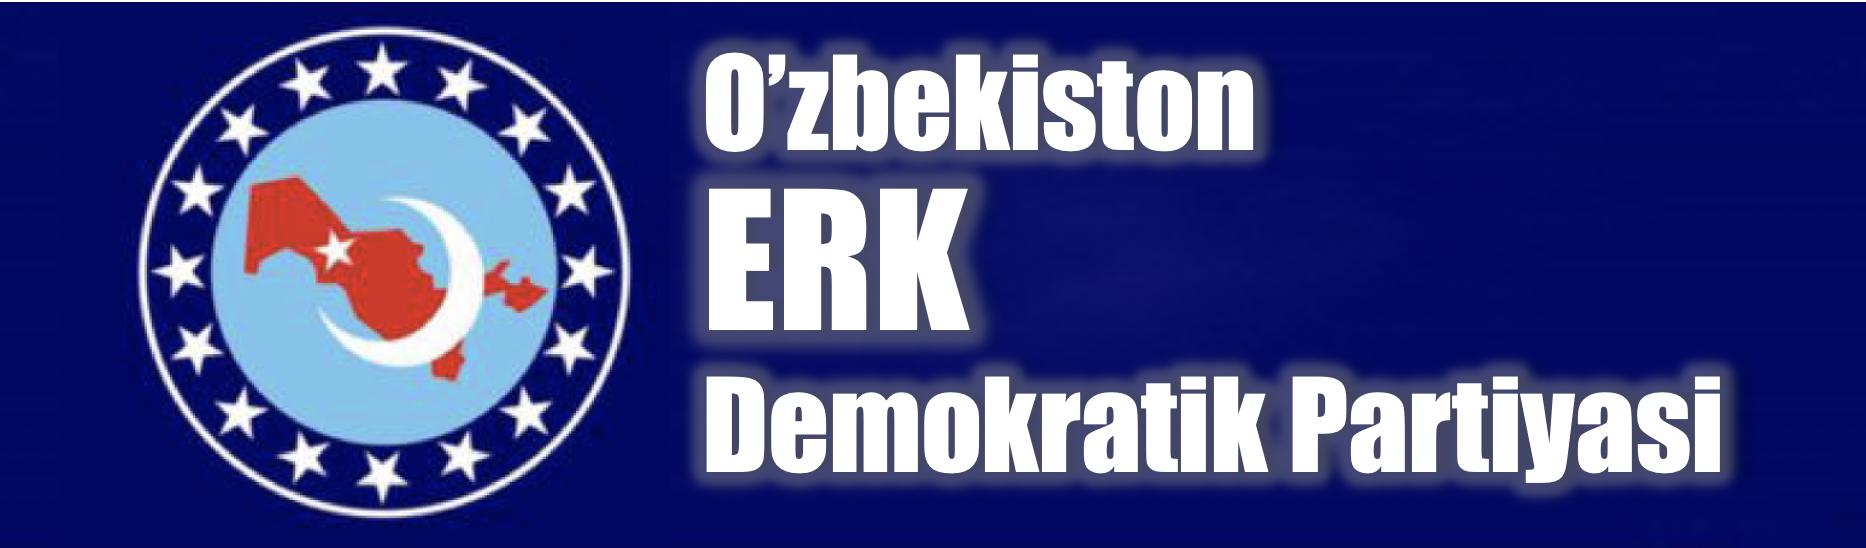 O'zbekiston ERK Demokratik Partiyasi